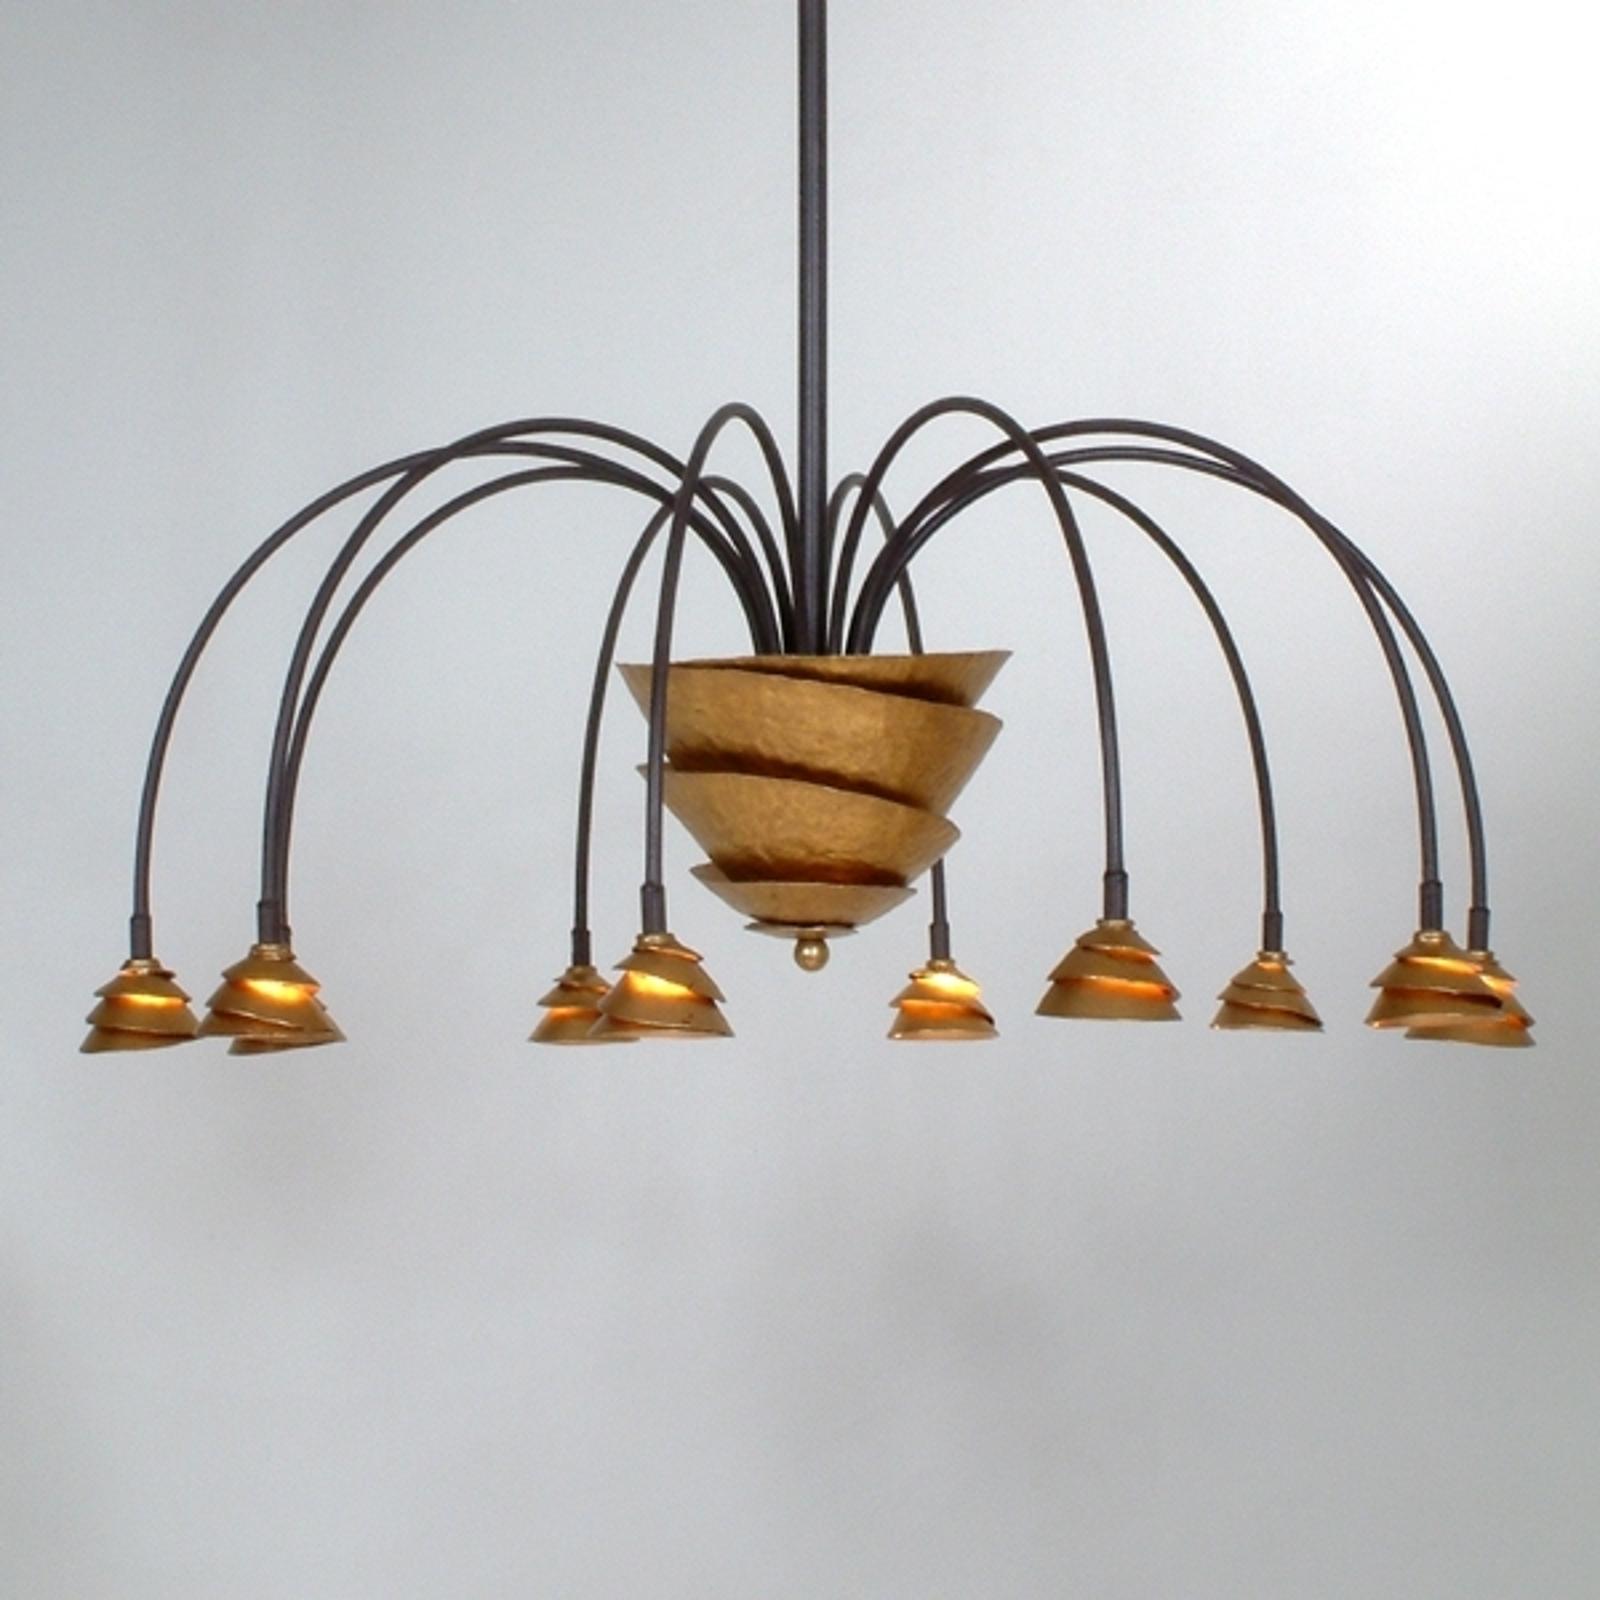 LED-Hängelampe Fontaine Eisen-braun-gold